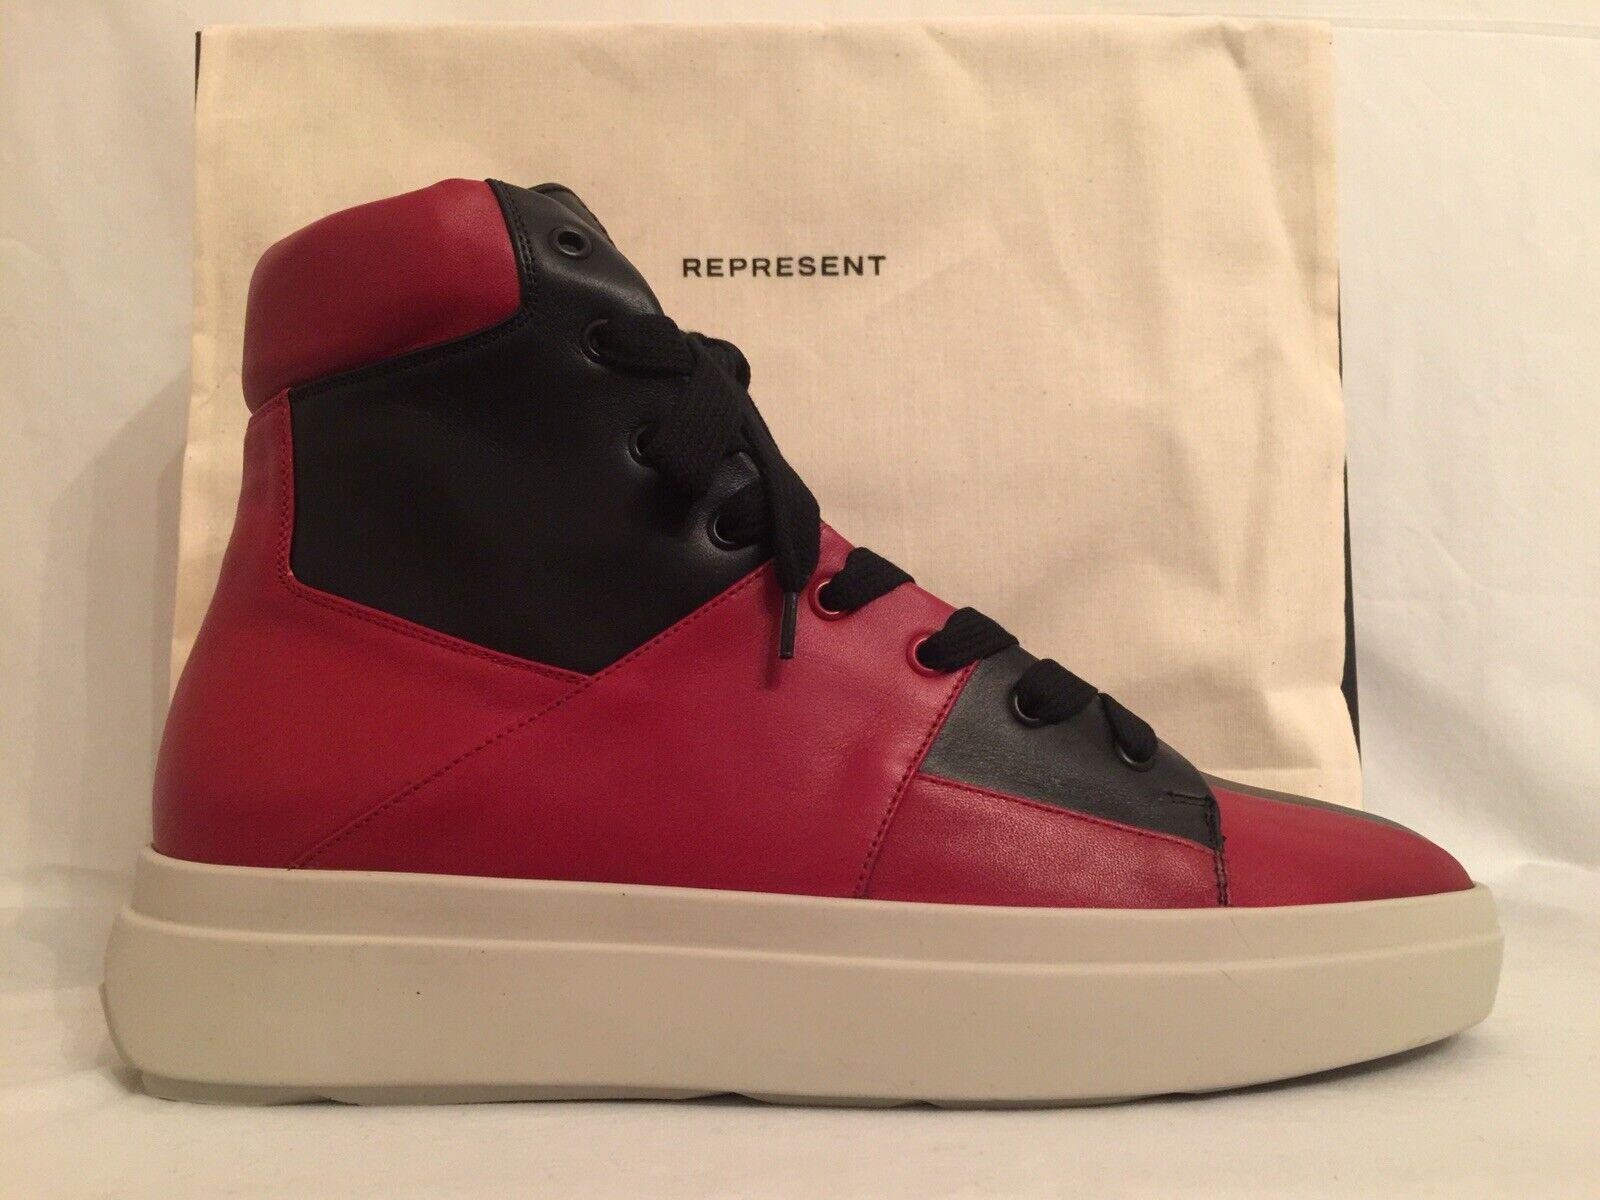 BRAND NEW  435 DS Represent Clo Alpha Mid scarpe da ginnastica rosso   nero US 12   BNIB